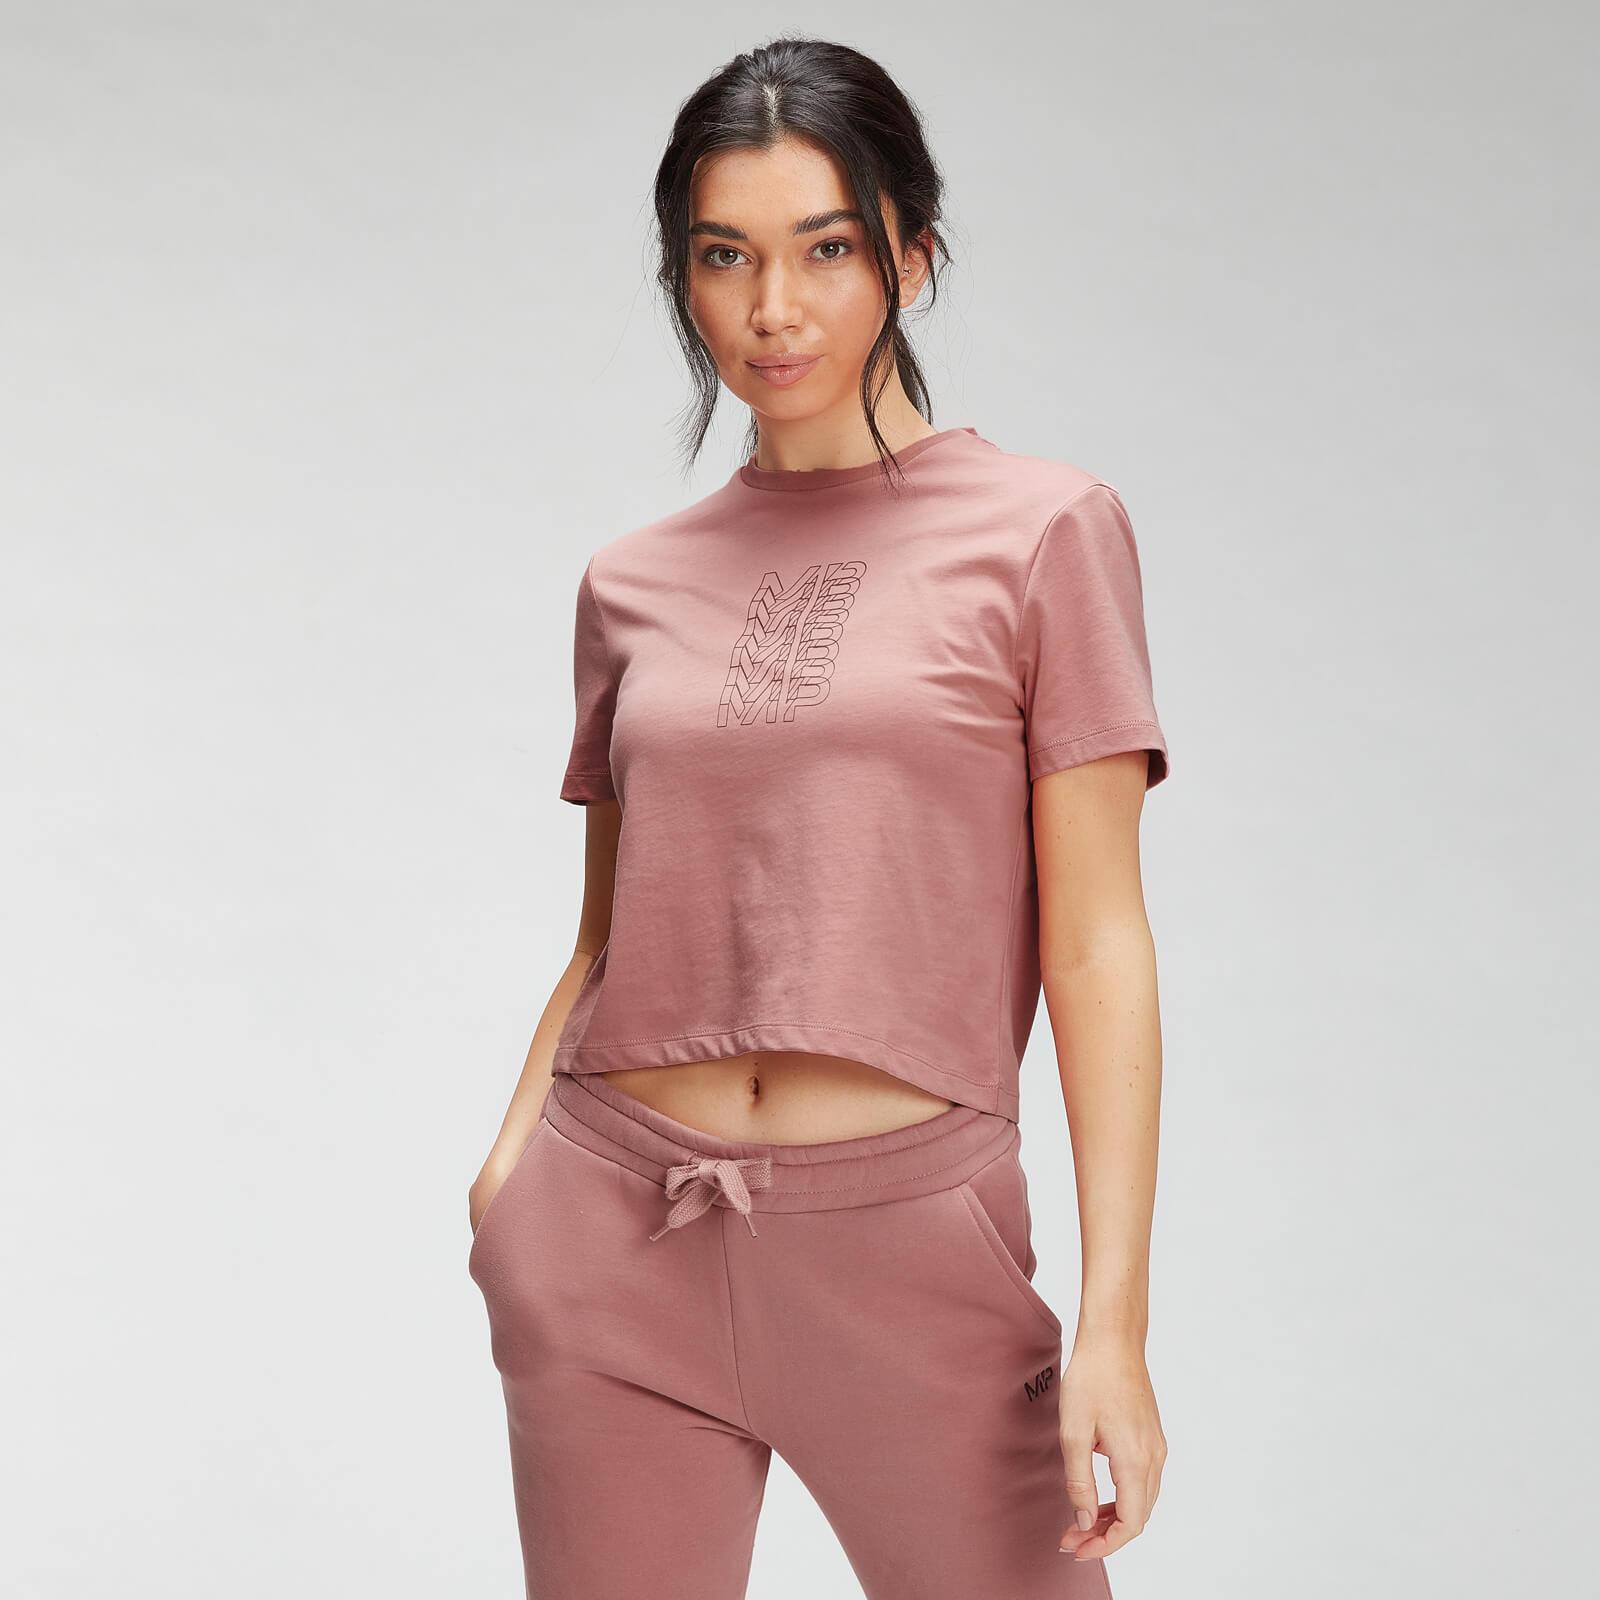 Купить MP Women's Repeat MP Crop T-Shirt - Dust Pink - XXL, Myprotein International